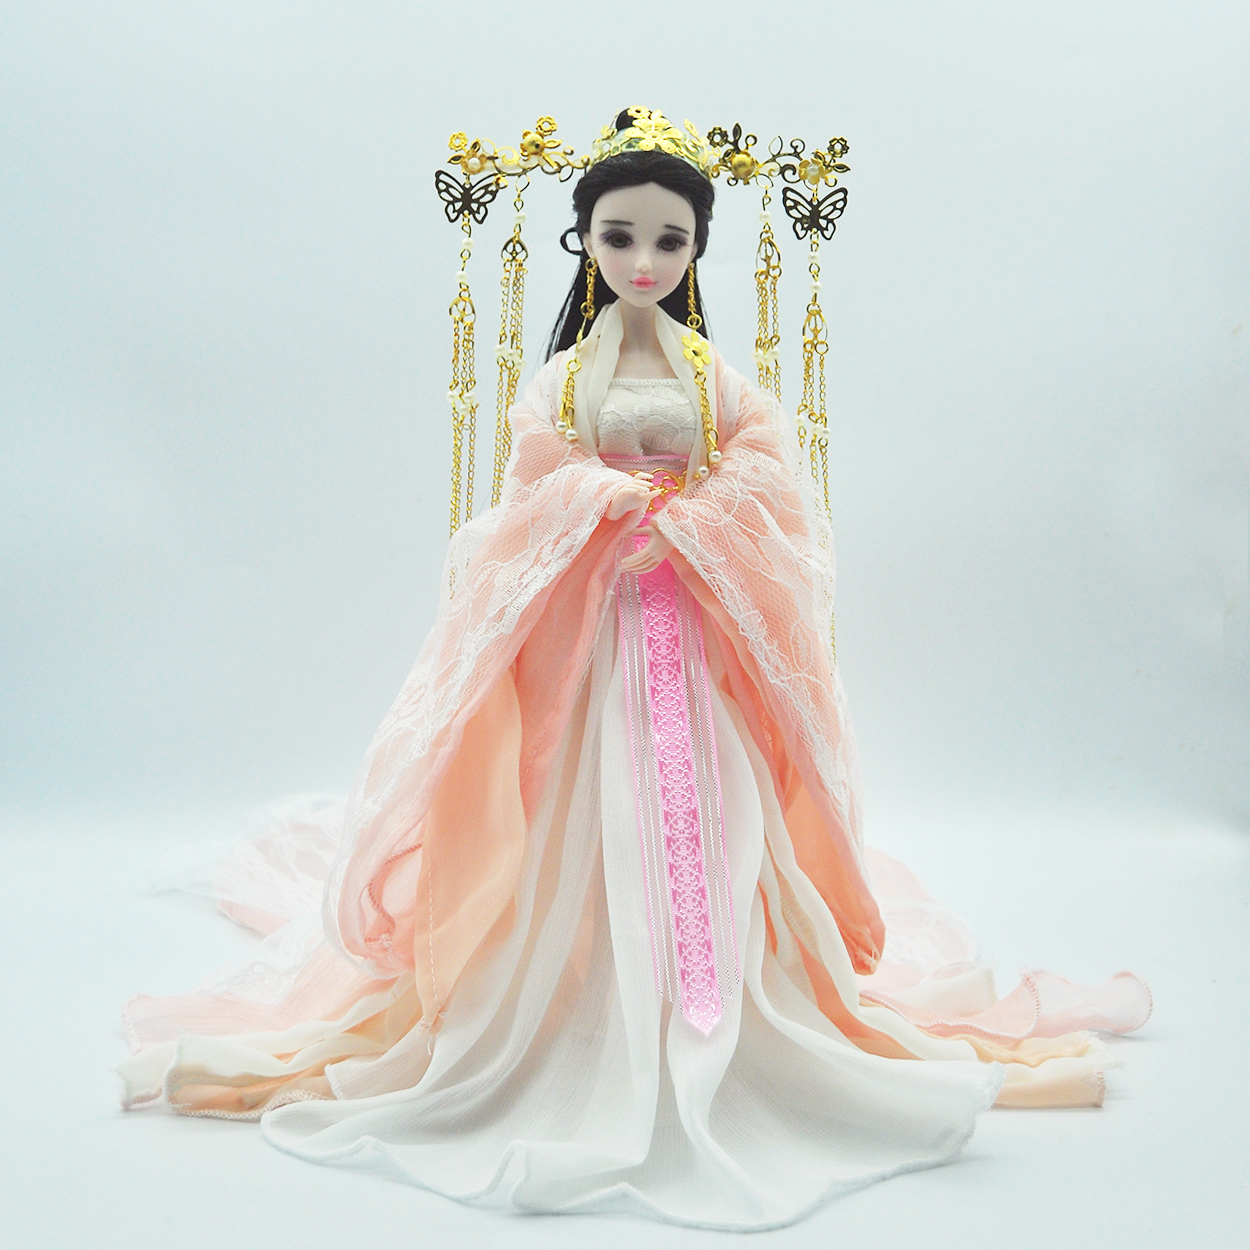 古装洋娃娃扶摇皇后同款娃娃14关节换装仙子3d真眼六一儿童节礼物